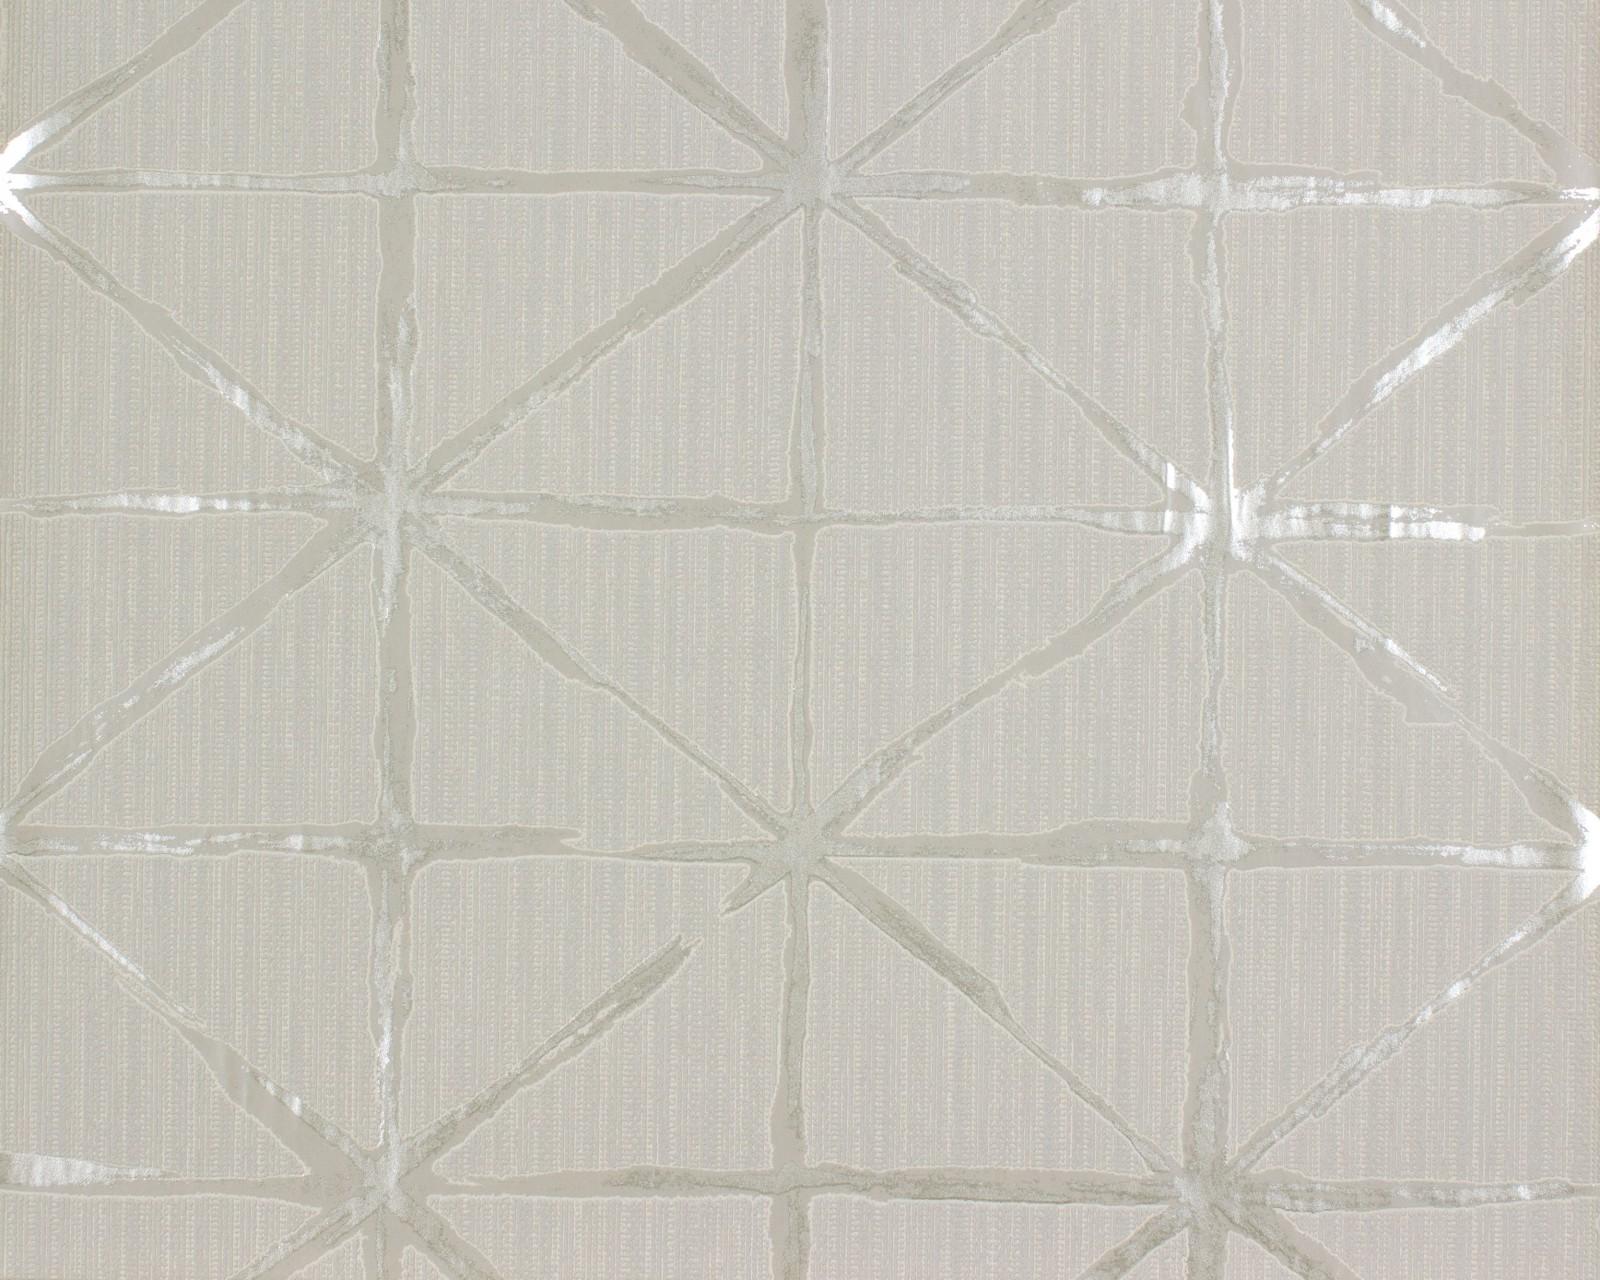 Tapete rasch grafik beige silber home vision 862713 for Silber tapete